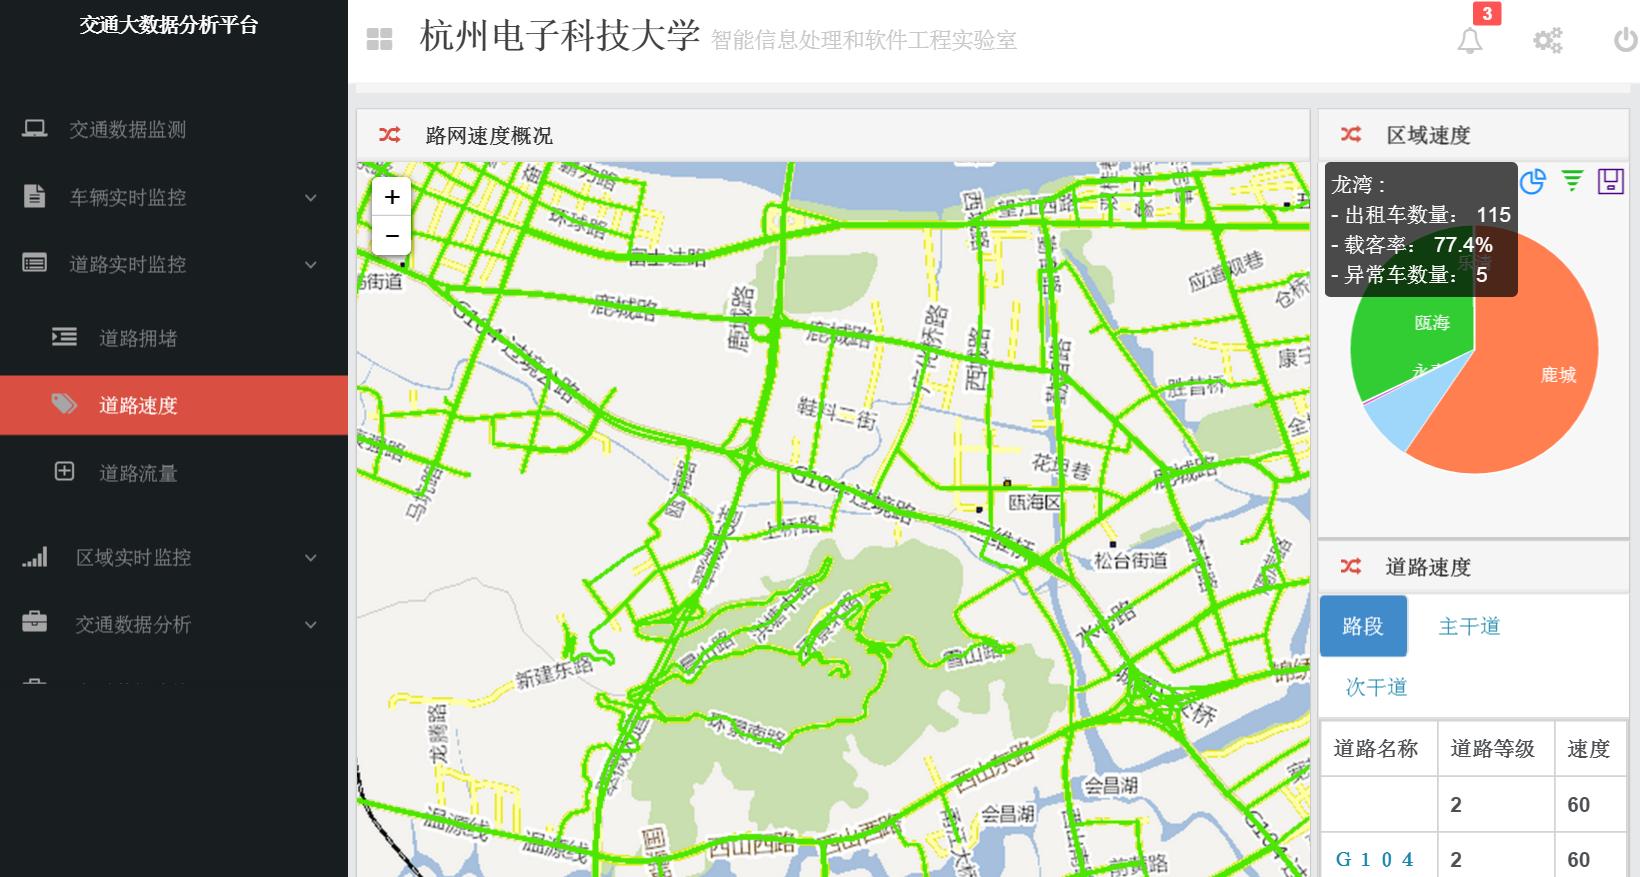 3 ,城市交通热点区域分析